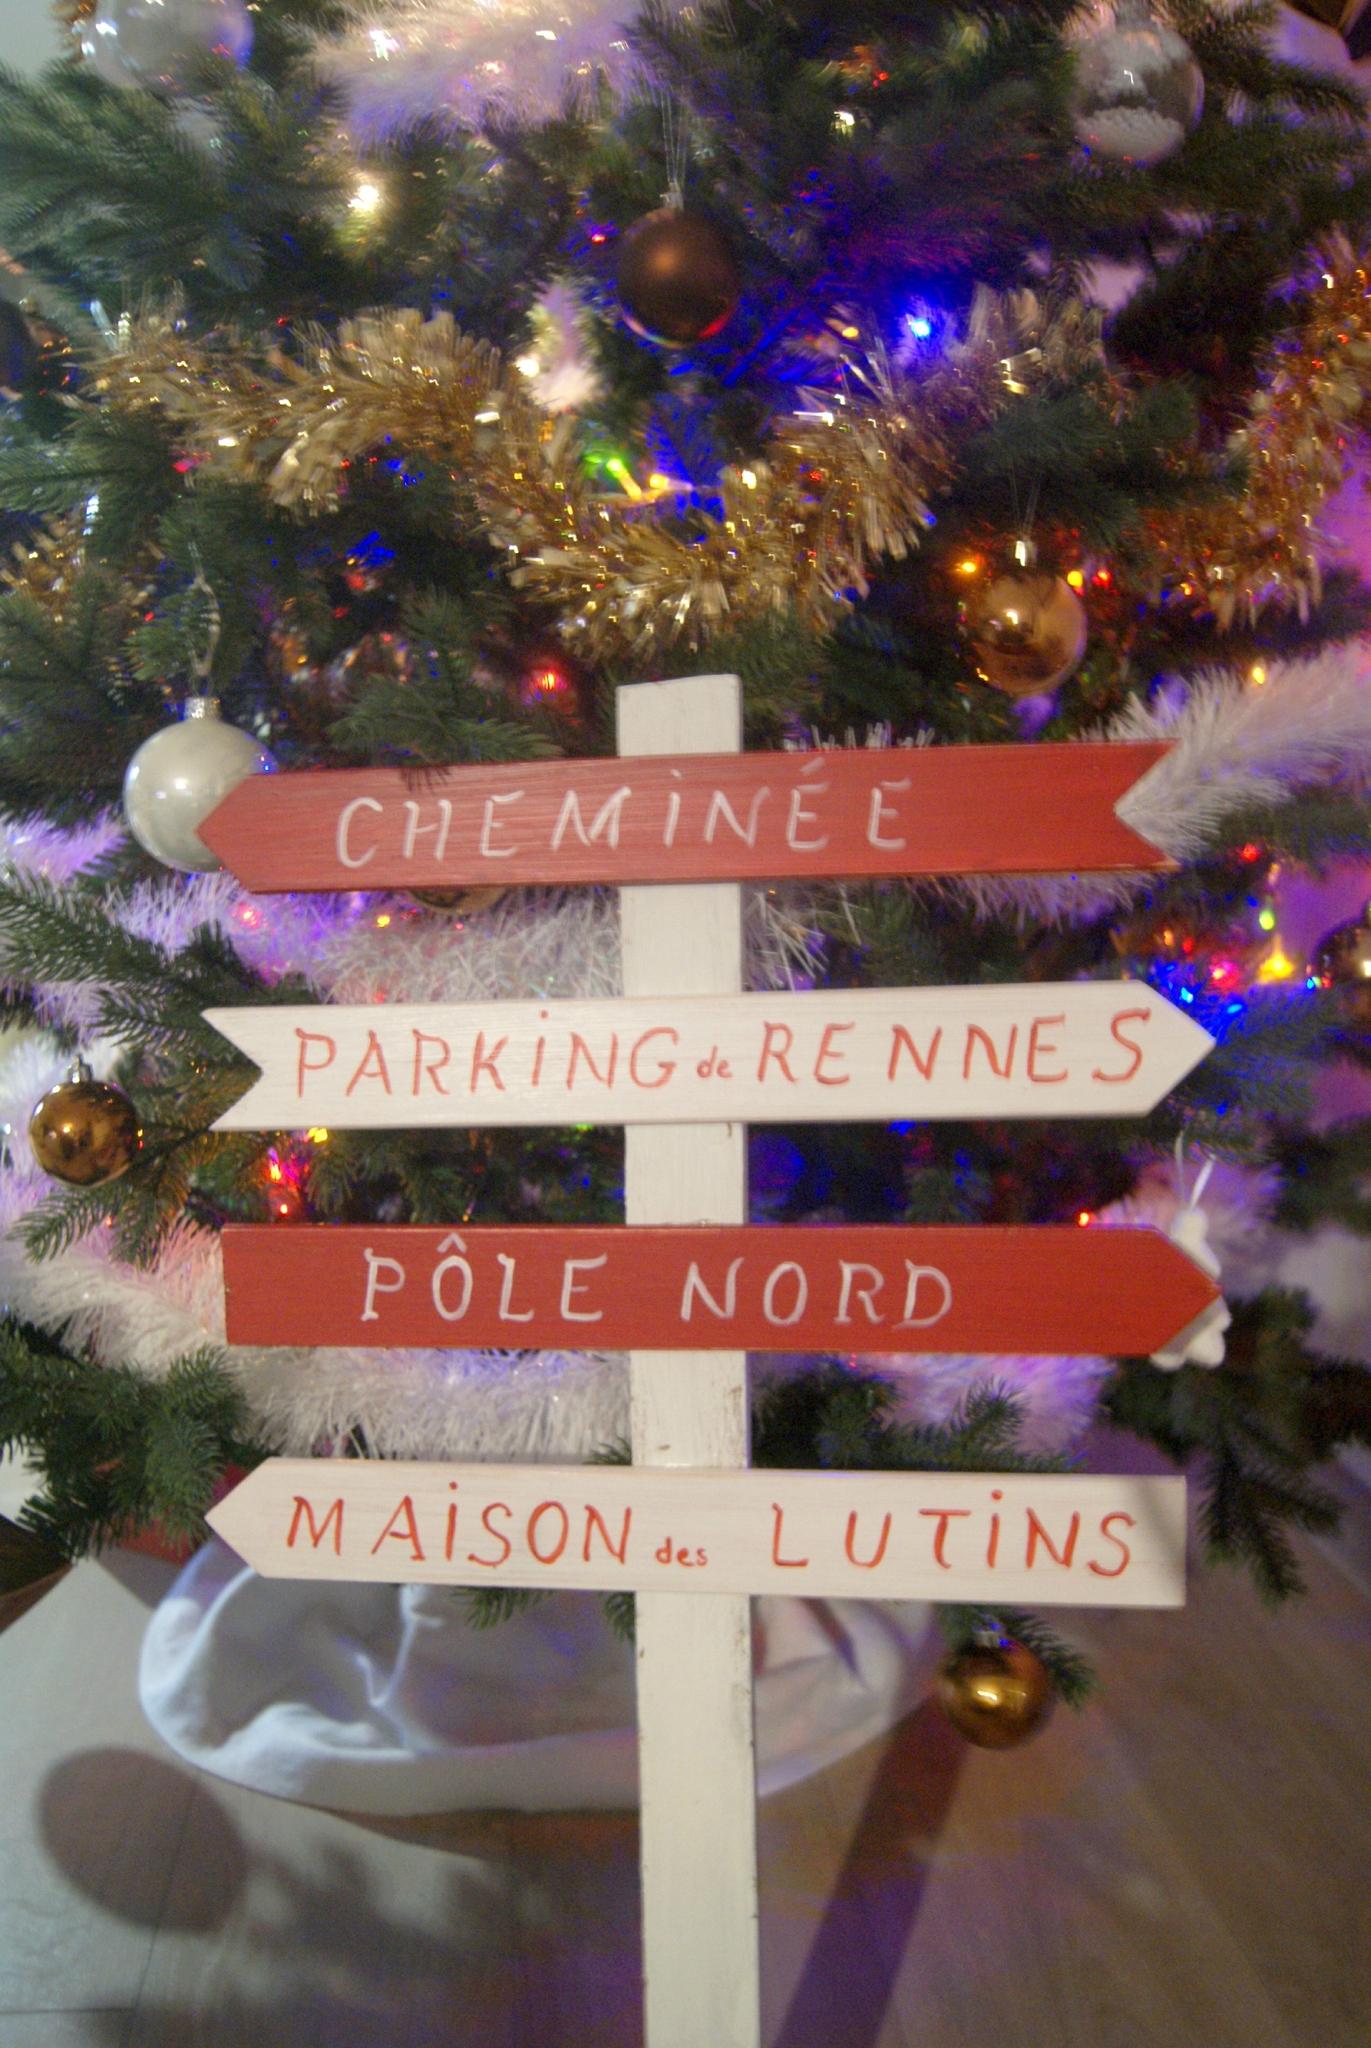 Décoration Noël En Bois - Mon Grain De Sel intérieur Fleche Pour Sapin De Noel